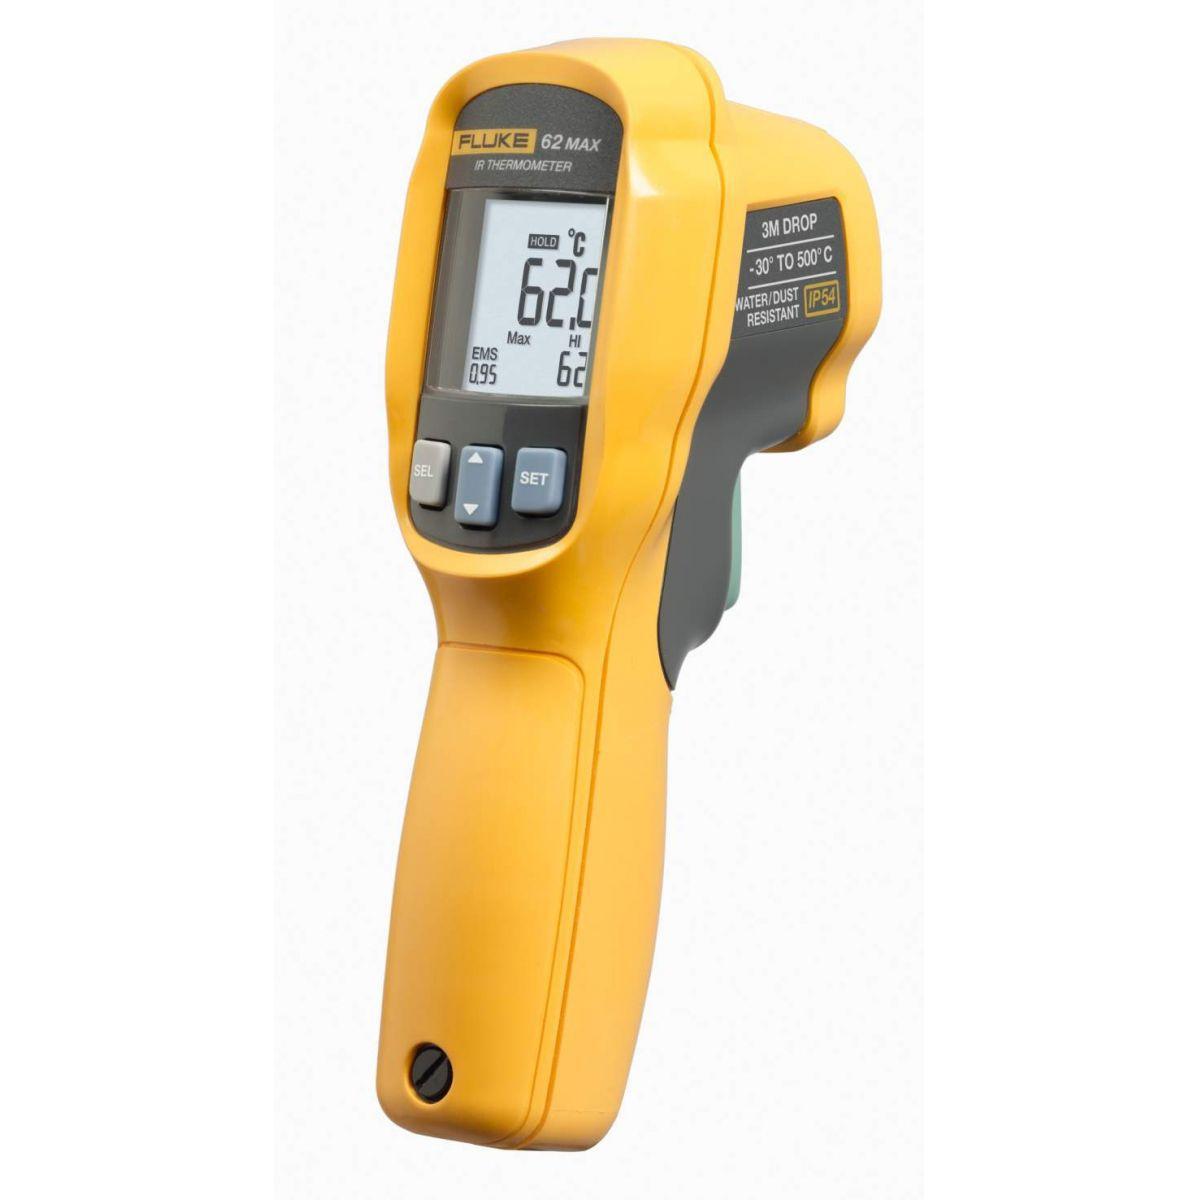 Termômetro Digital Infravermelho 62 MAX - FLUKE